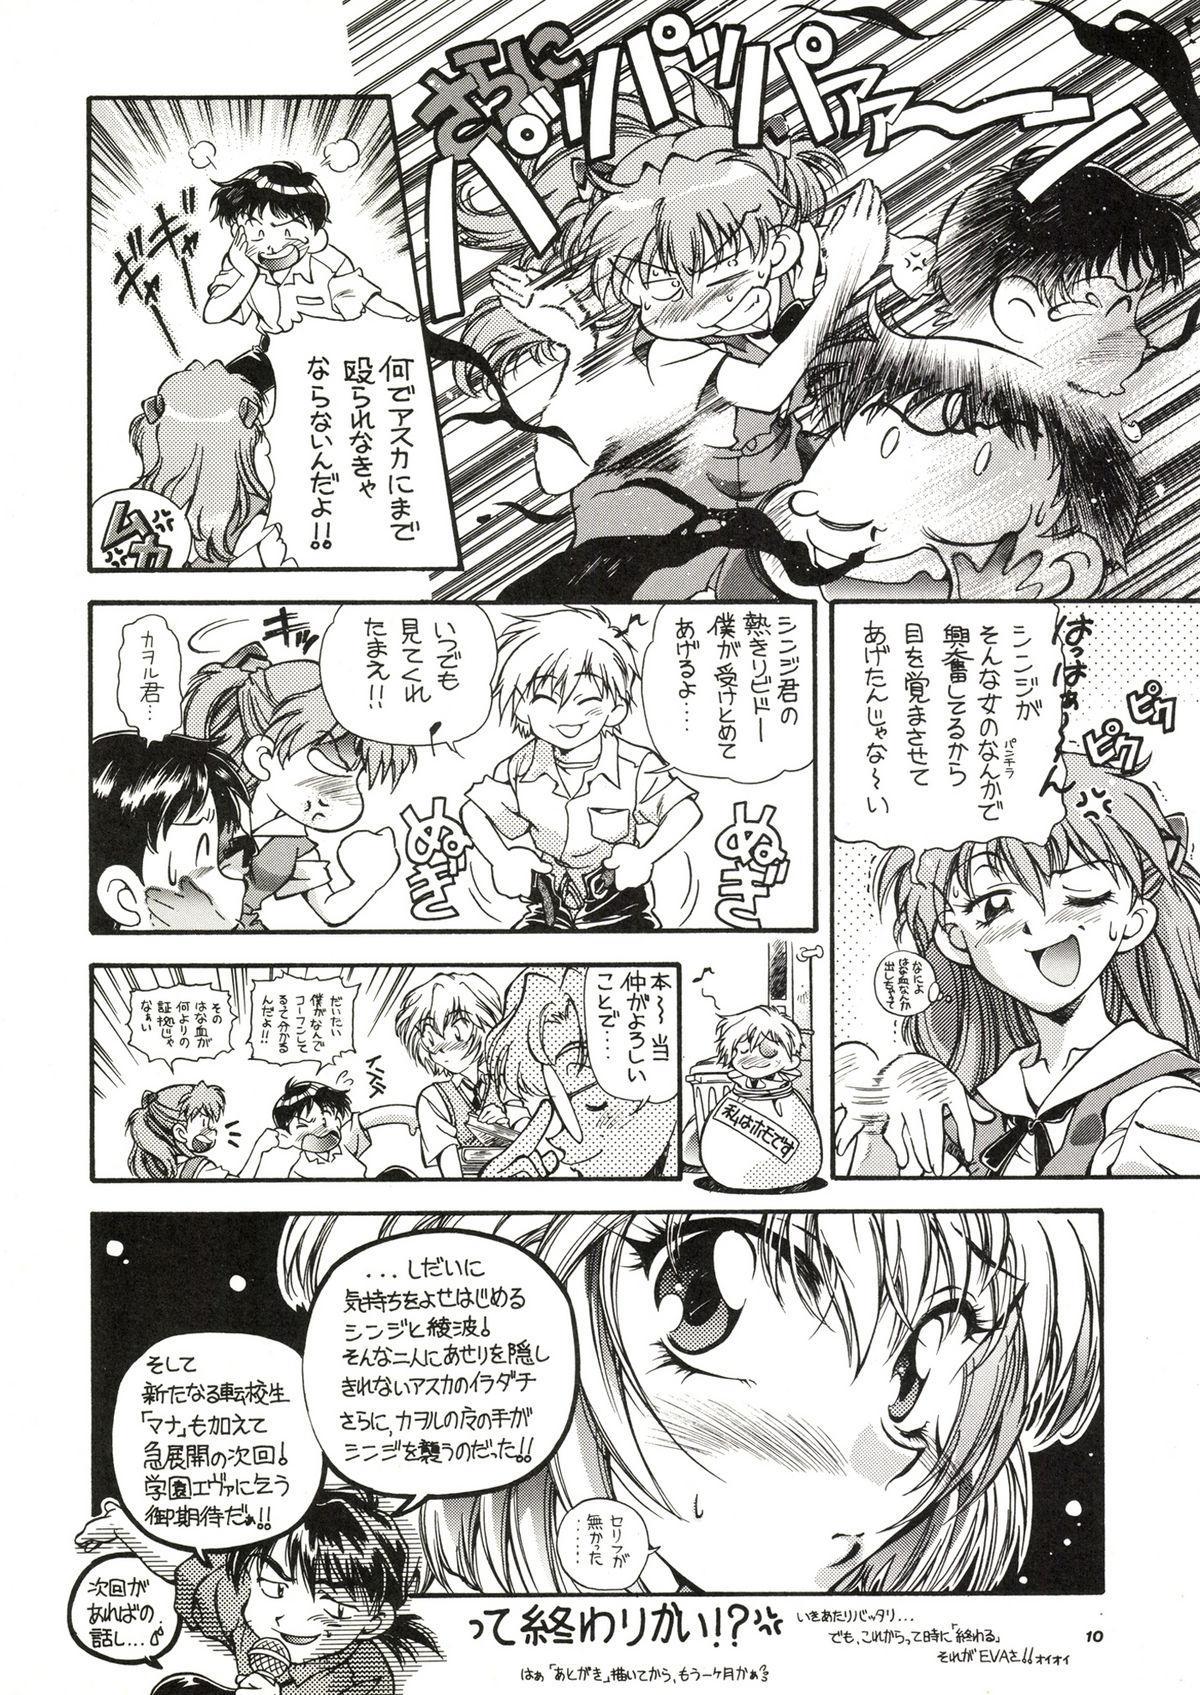 TOKONATSU HEAVEN 9